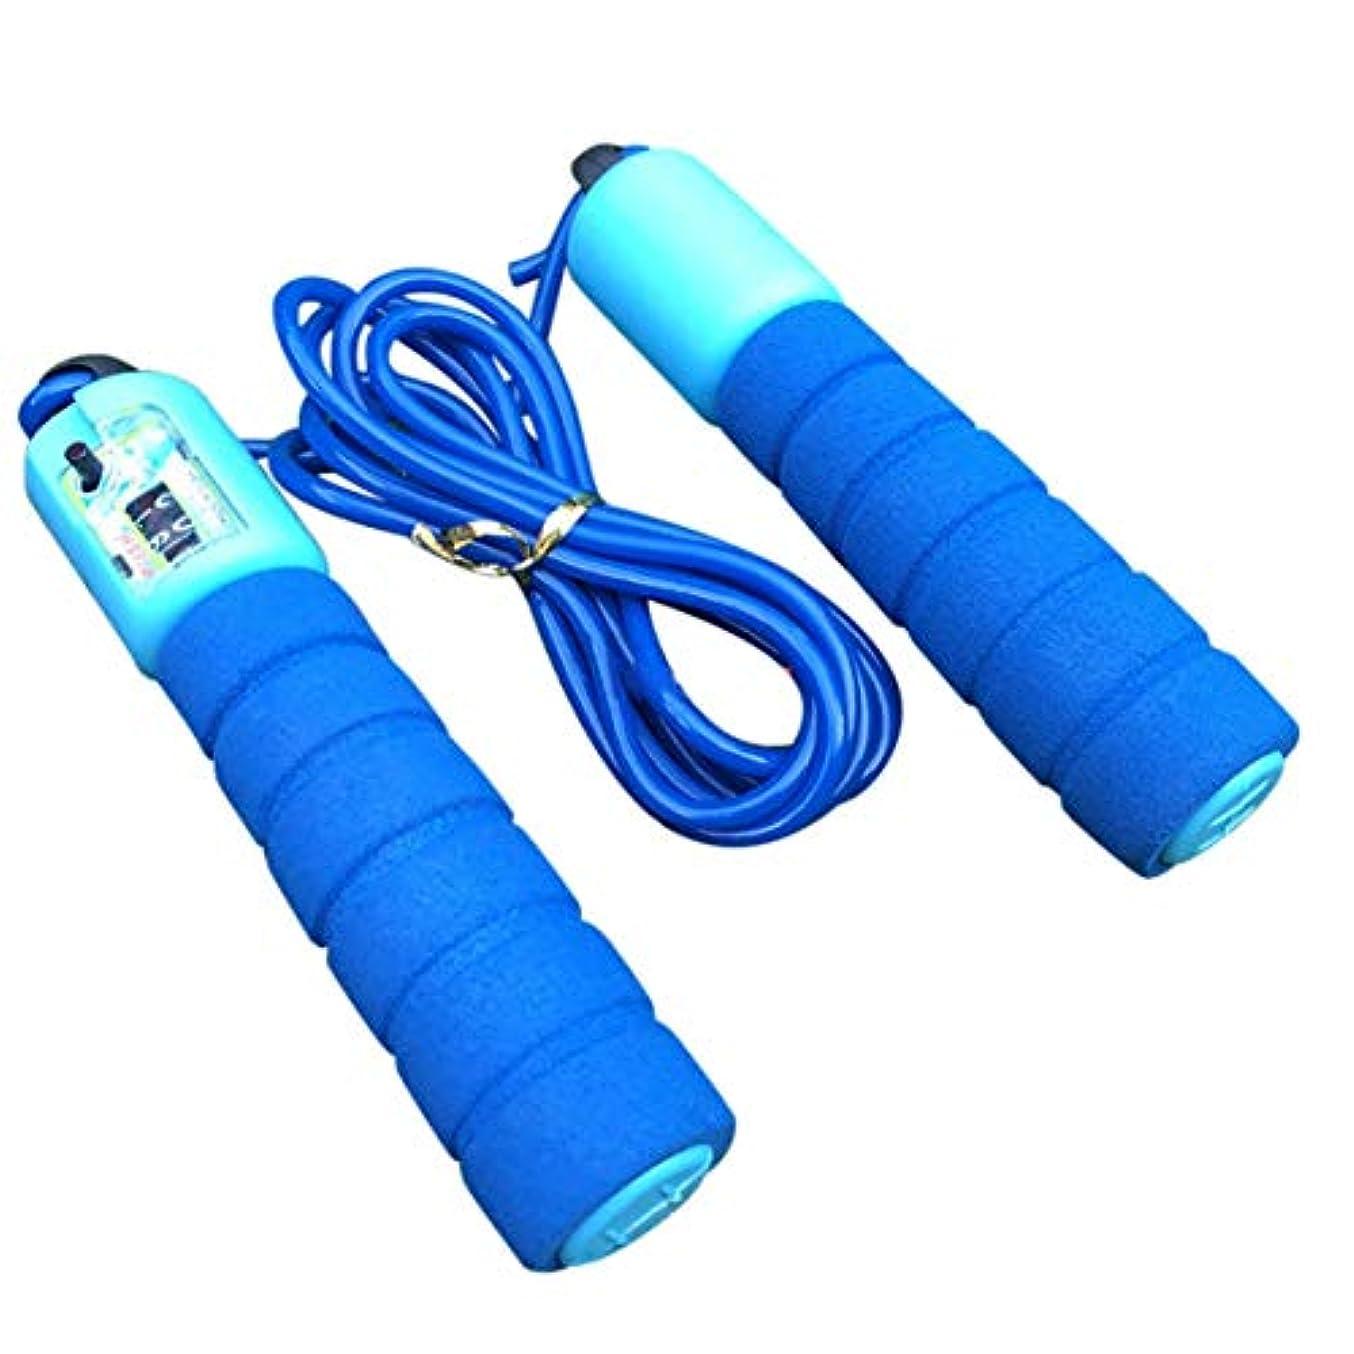 キリン熟練した悪意調整可能なプロフェッショナルカウント縄跳び自動カウントジャンプロープフィットネス運動高速カウントジャンプロープ - 青